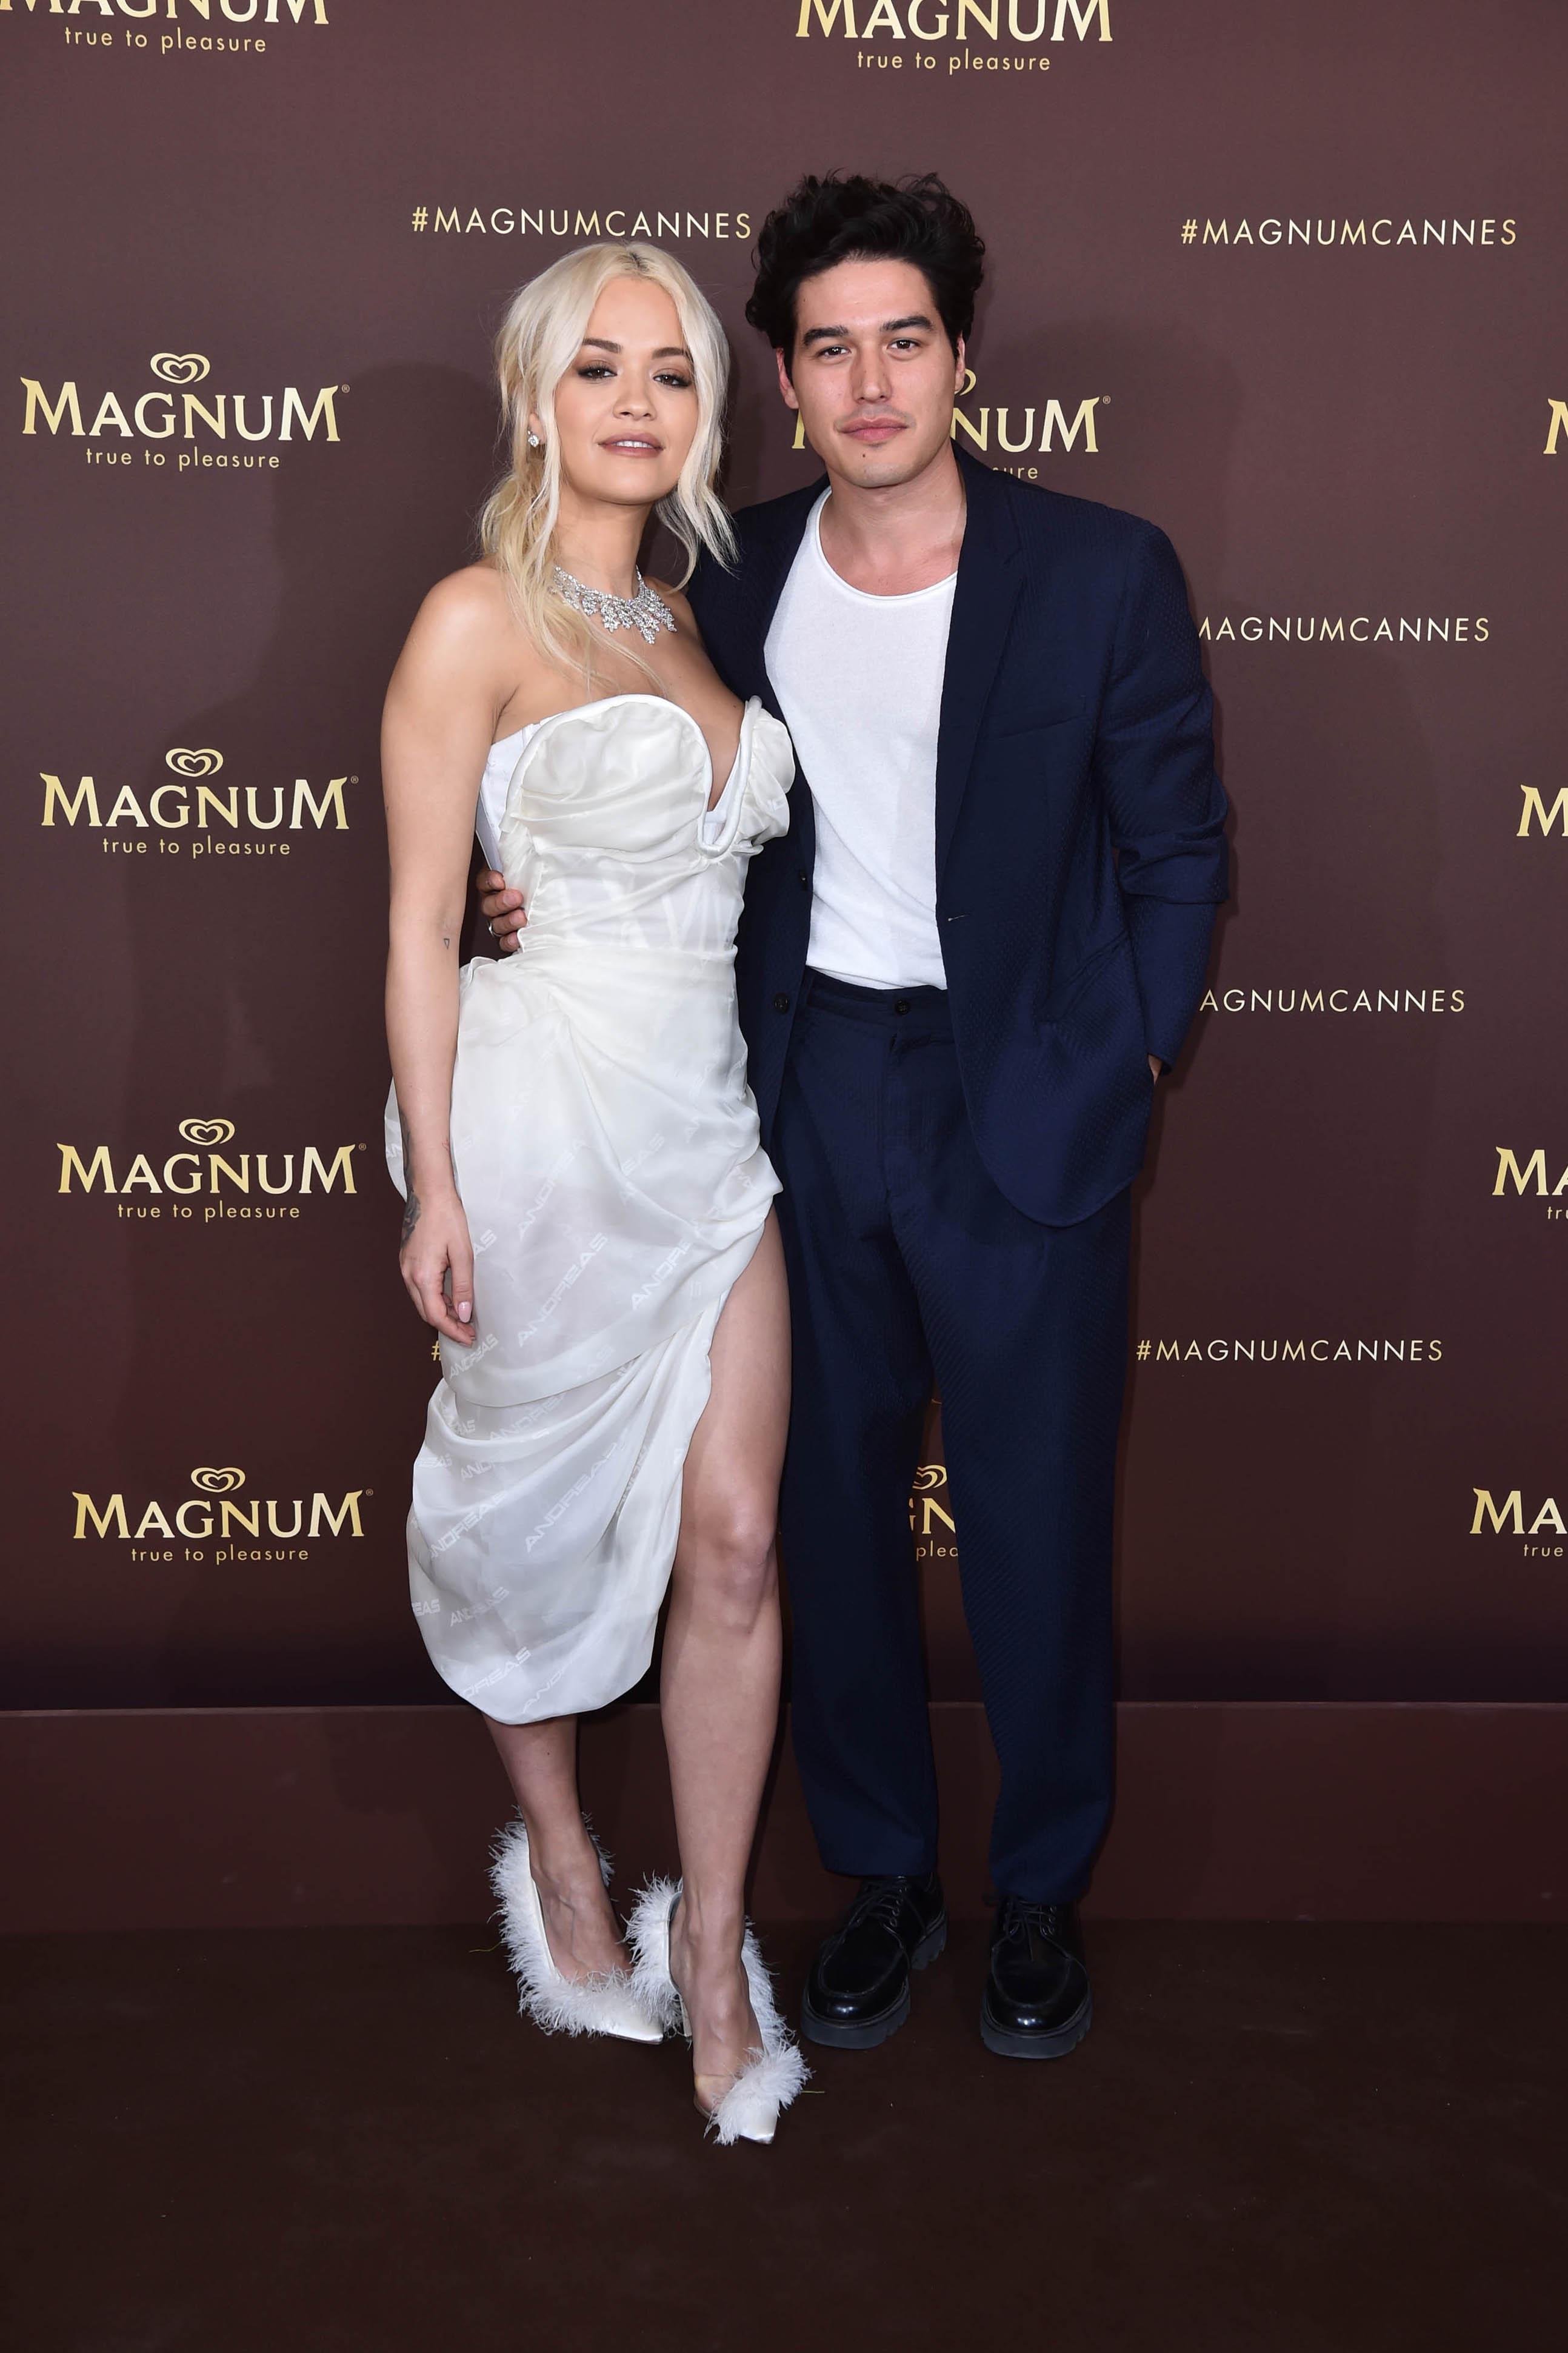 Festival Cannes 2019 Magnum